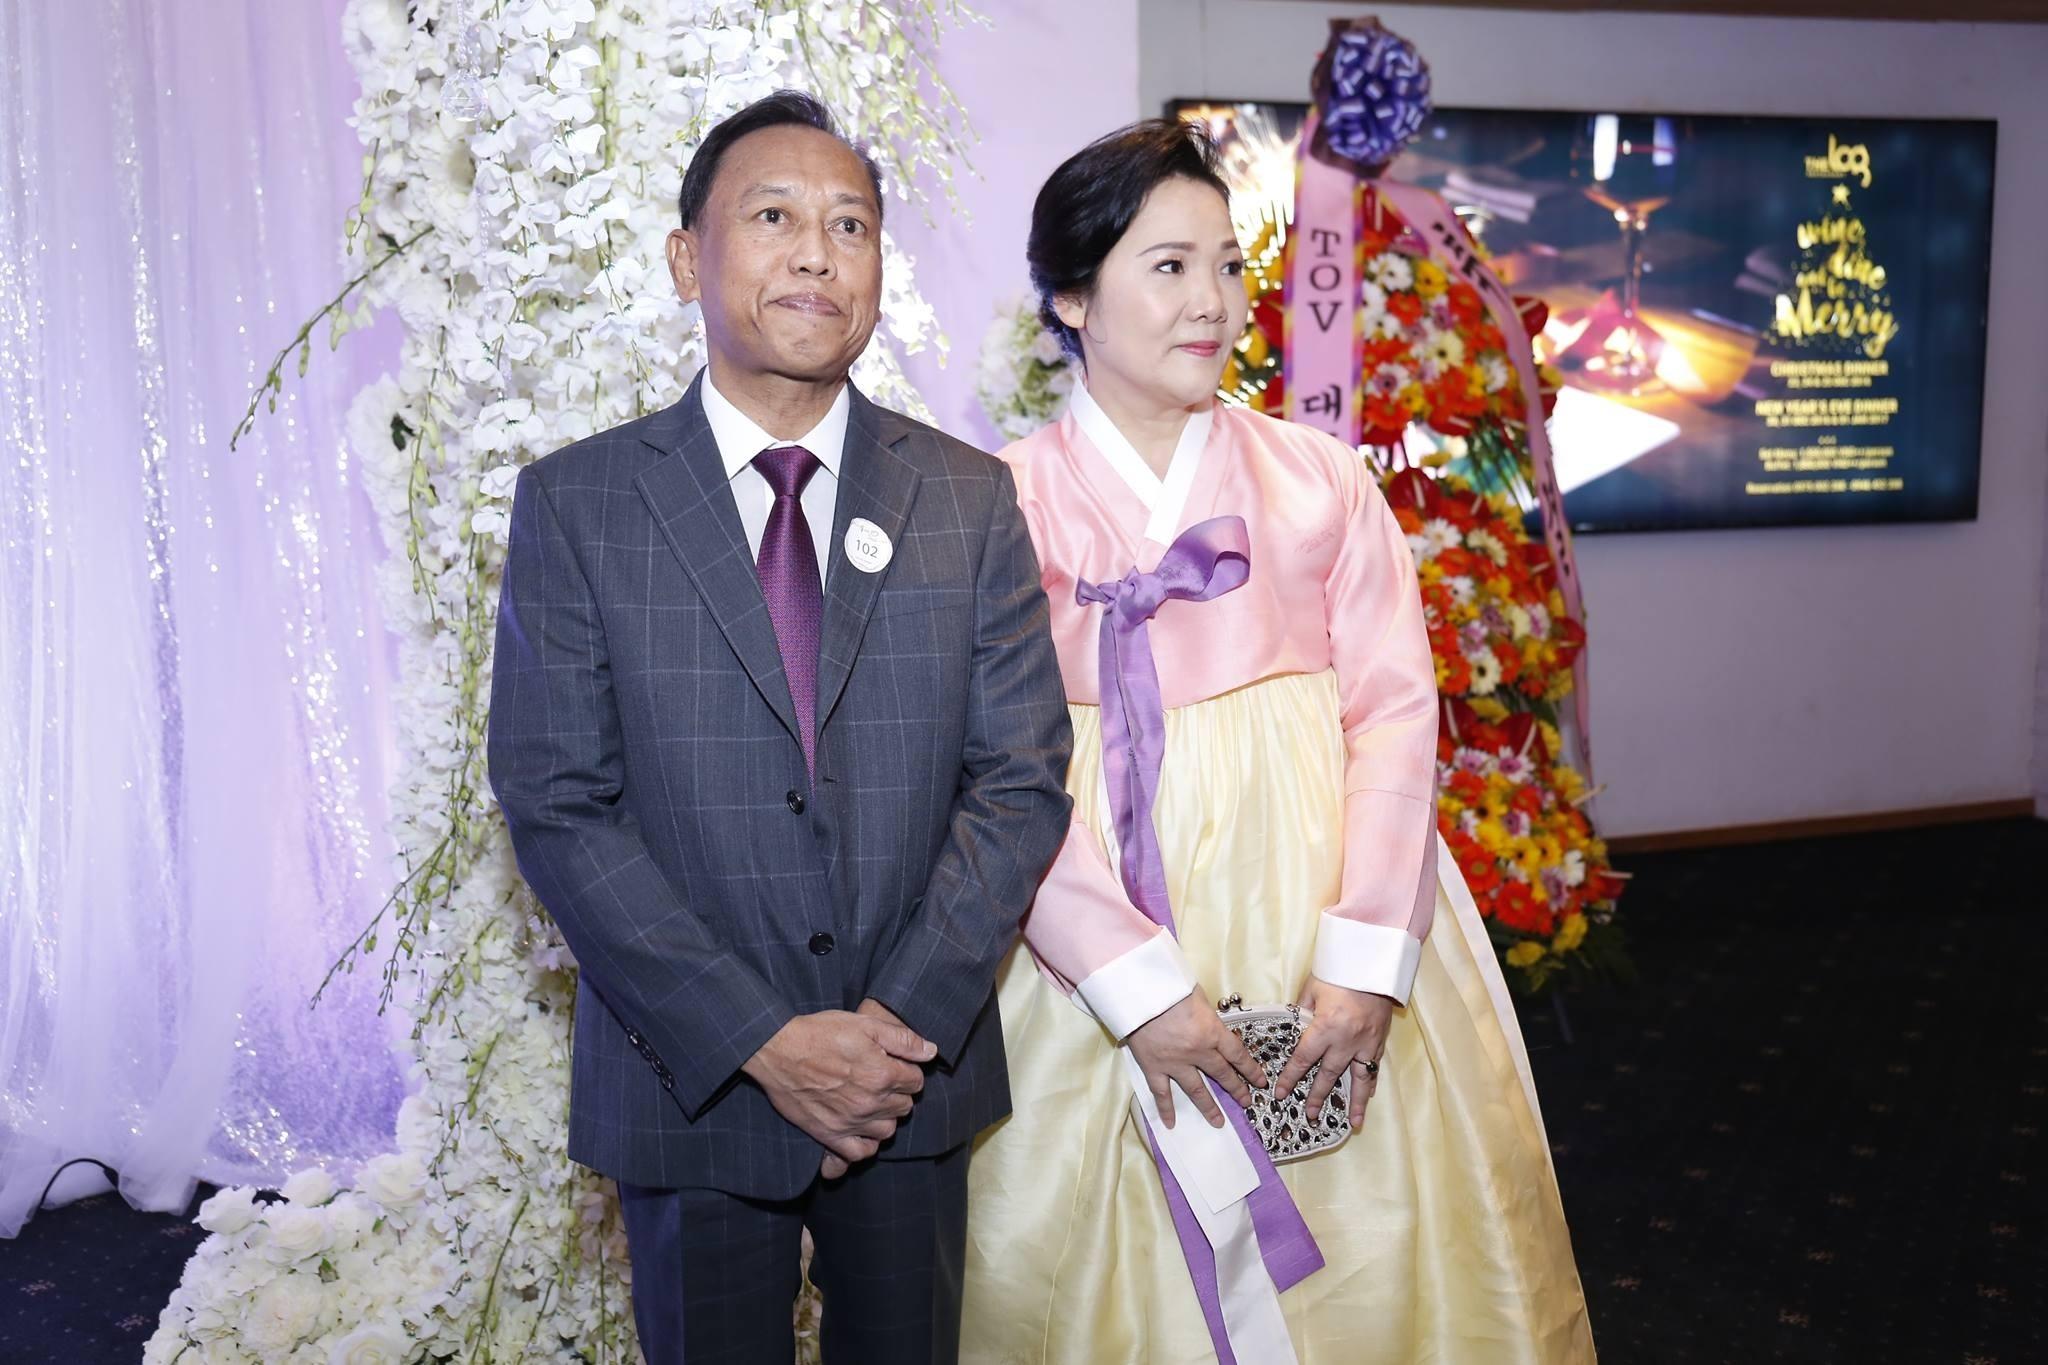 Bố mẹ ruột Hari Won xuất hiện trong đám cưới của con gái.